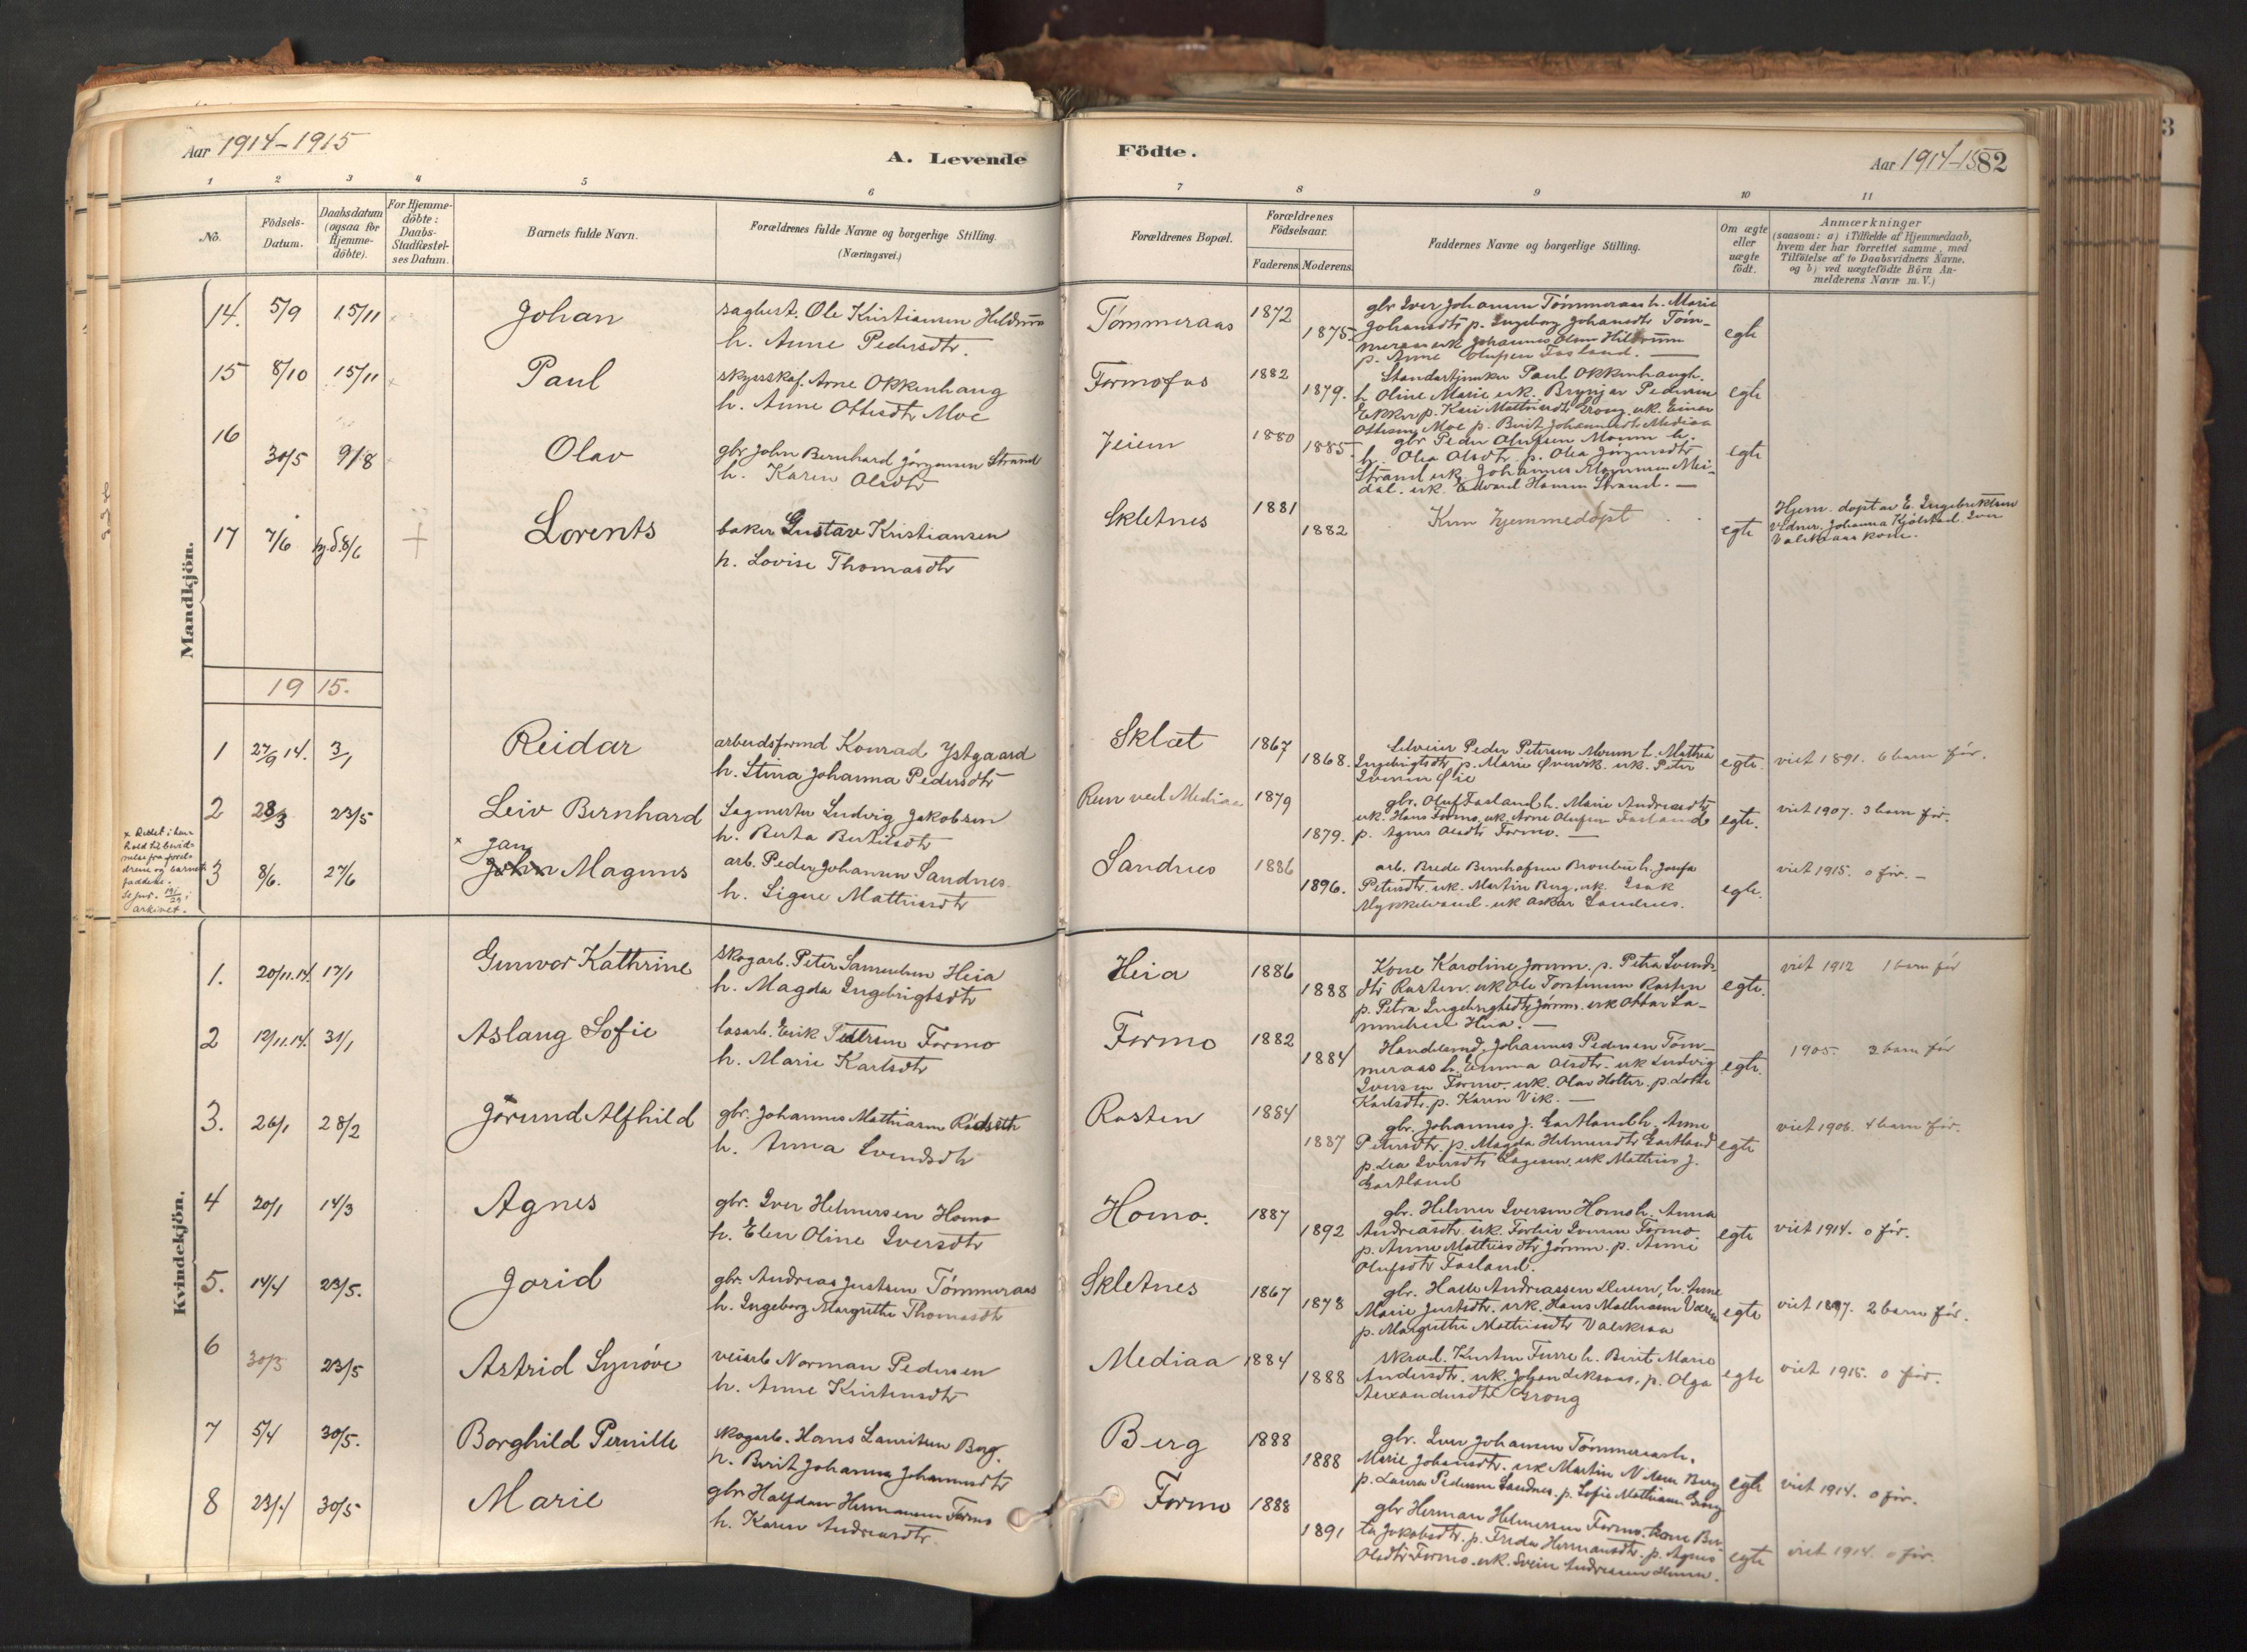 SAT, Ministerialprotokoller, klokkerbøker og fødselsregistre - Nord-Trøndelag, 758/L0519: Ministerialbok nr. 758A04, 1880-1926, s. 82